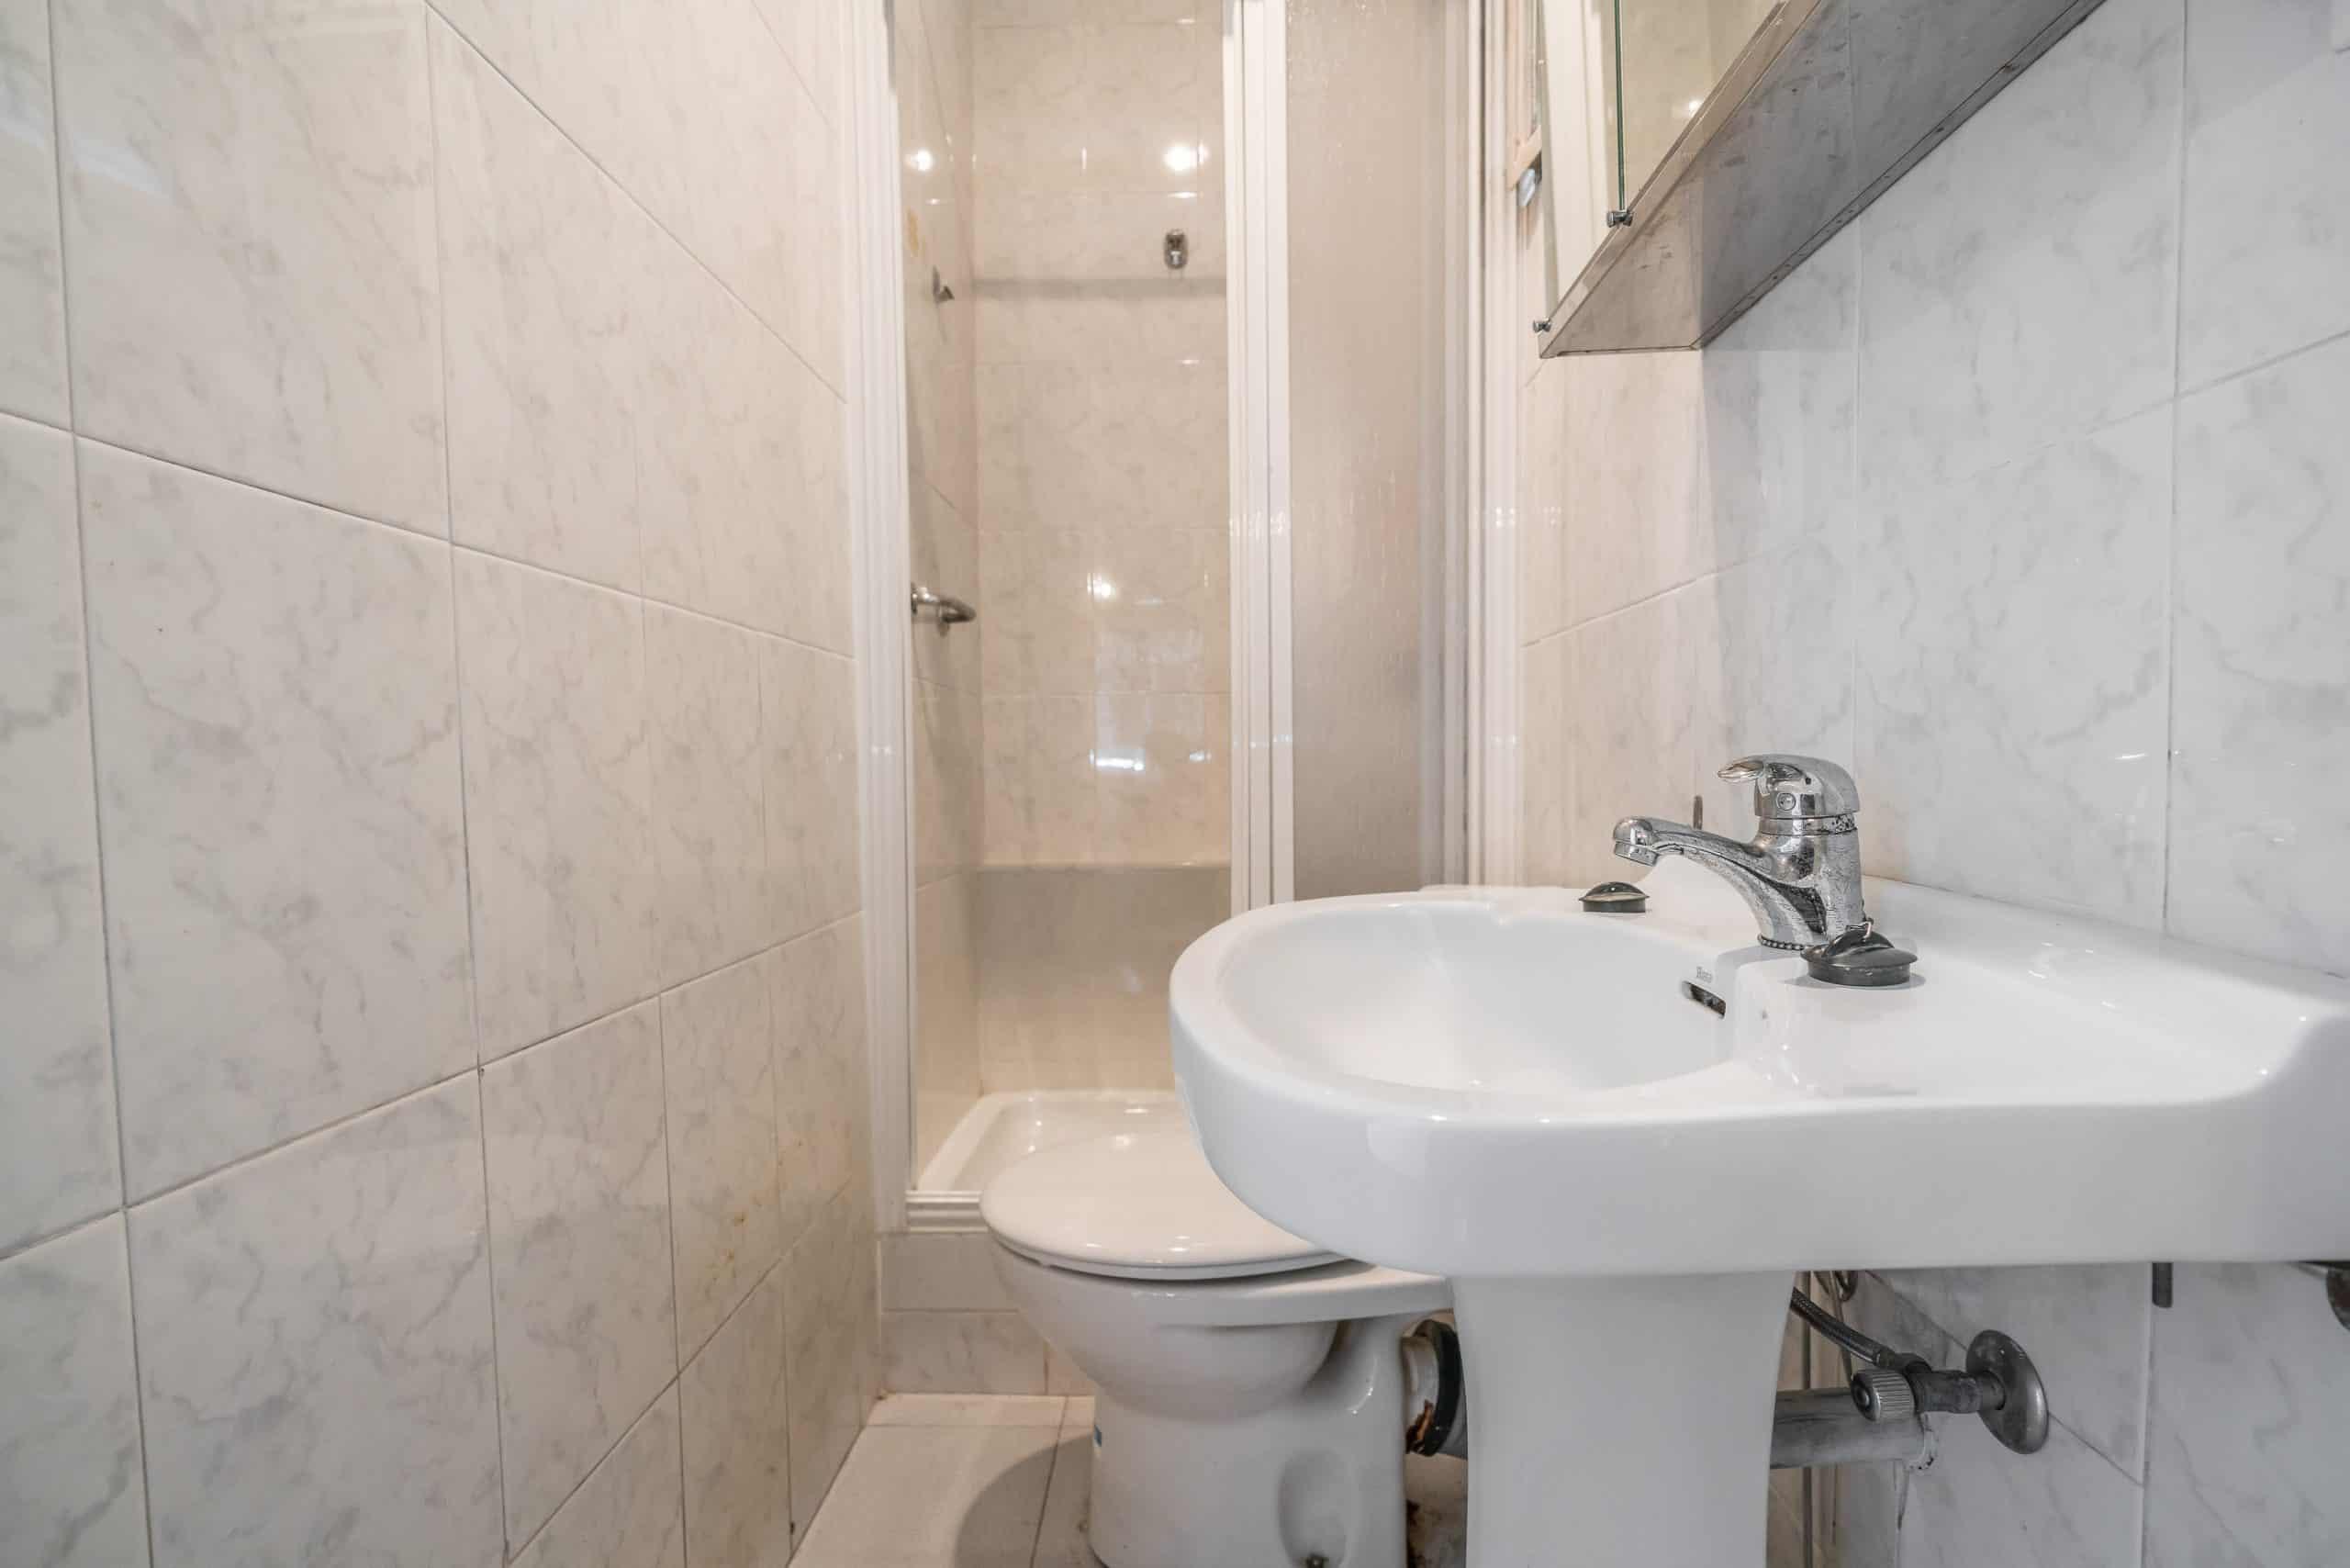 Agencia Inmobiliaria de Madrid-FUTUROCASA-Zona ARGANZUELA-EMBAJADORES-LEGAZPI -calle DOMINGO PEREZ DEL VAL -3 BAÑO (3)